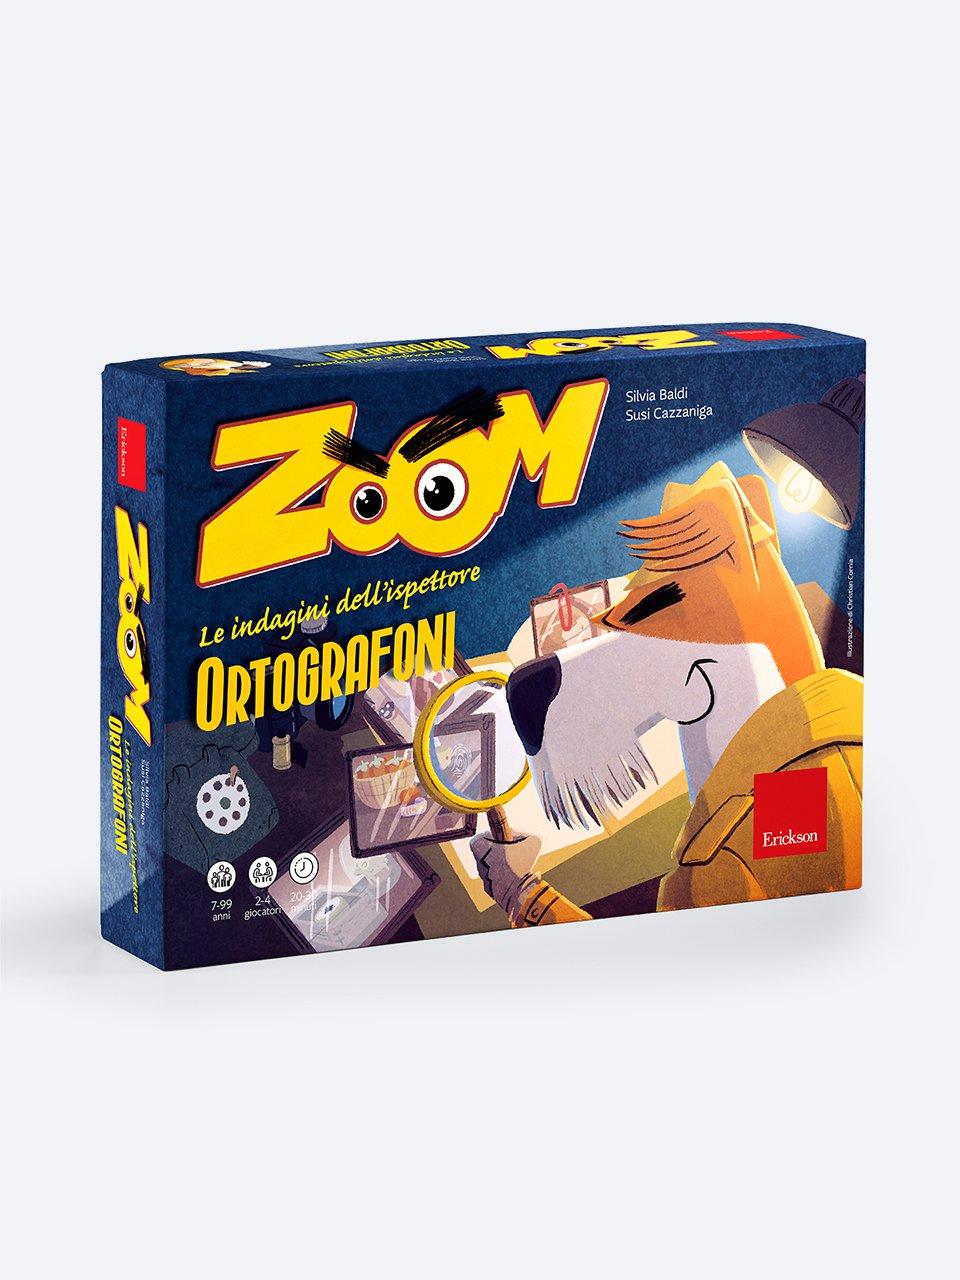 Zoom - Giochi Educativi, istruttivi e divertenti per bambini - Erickson